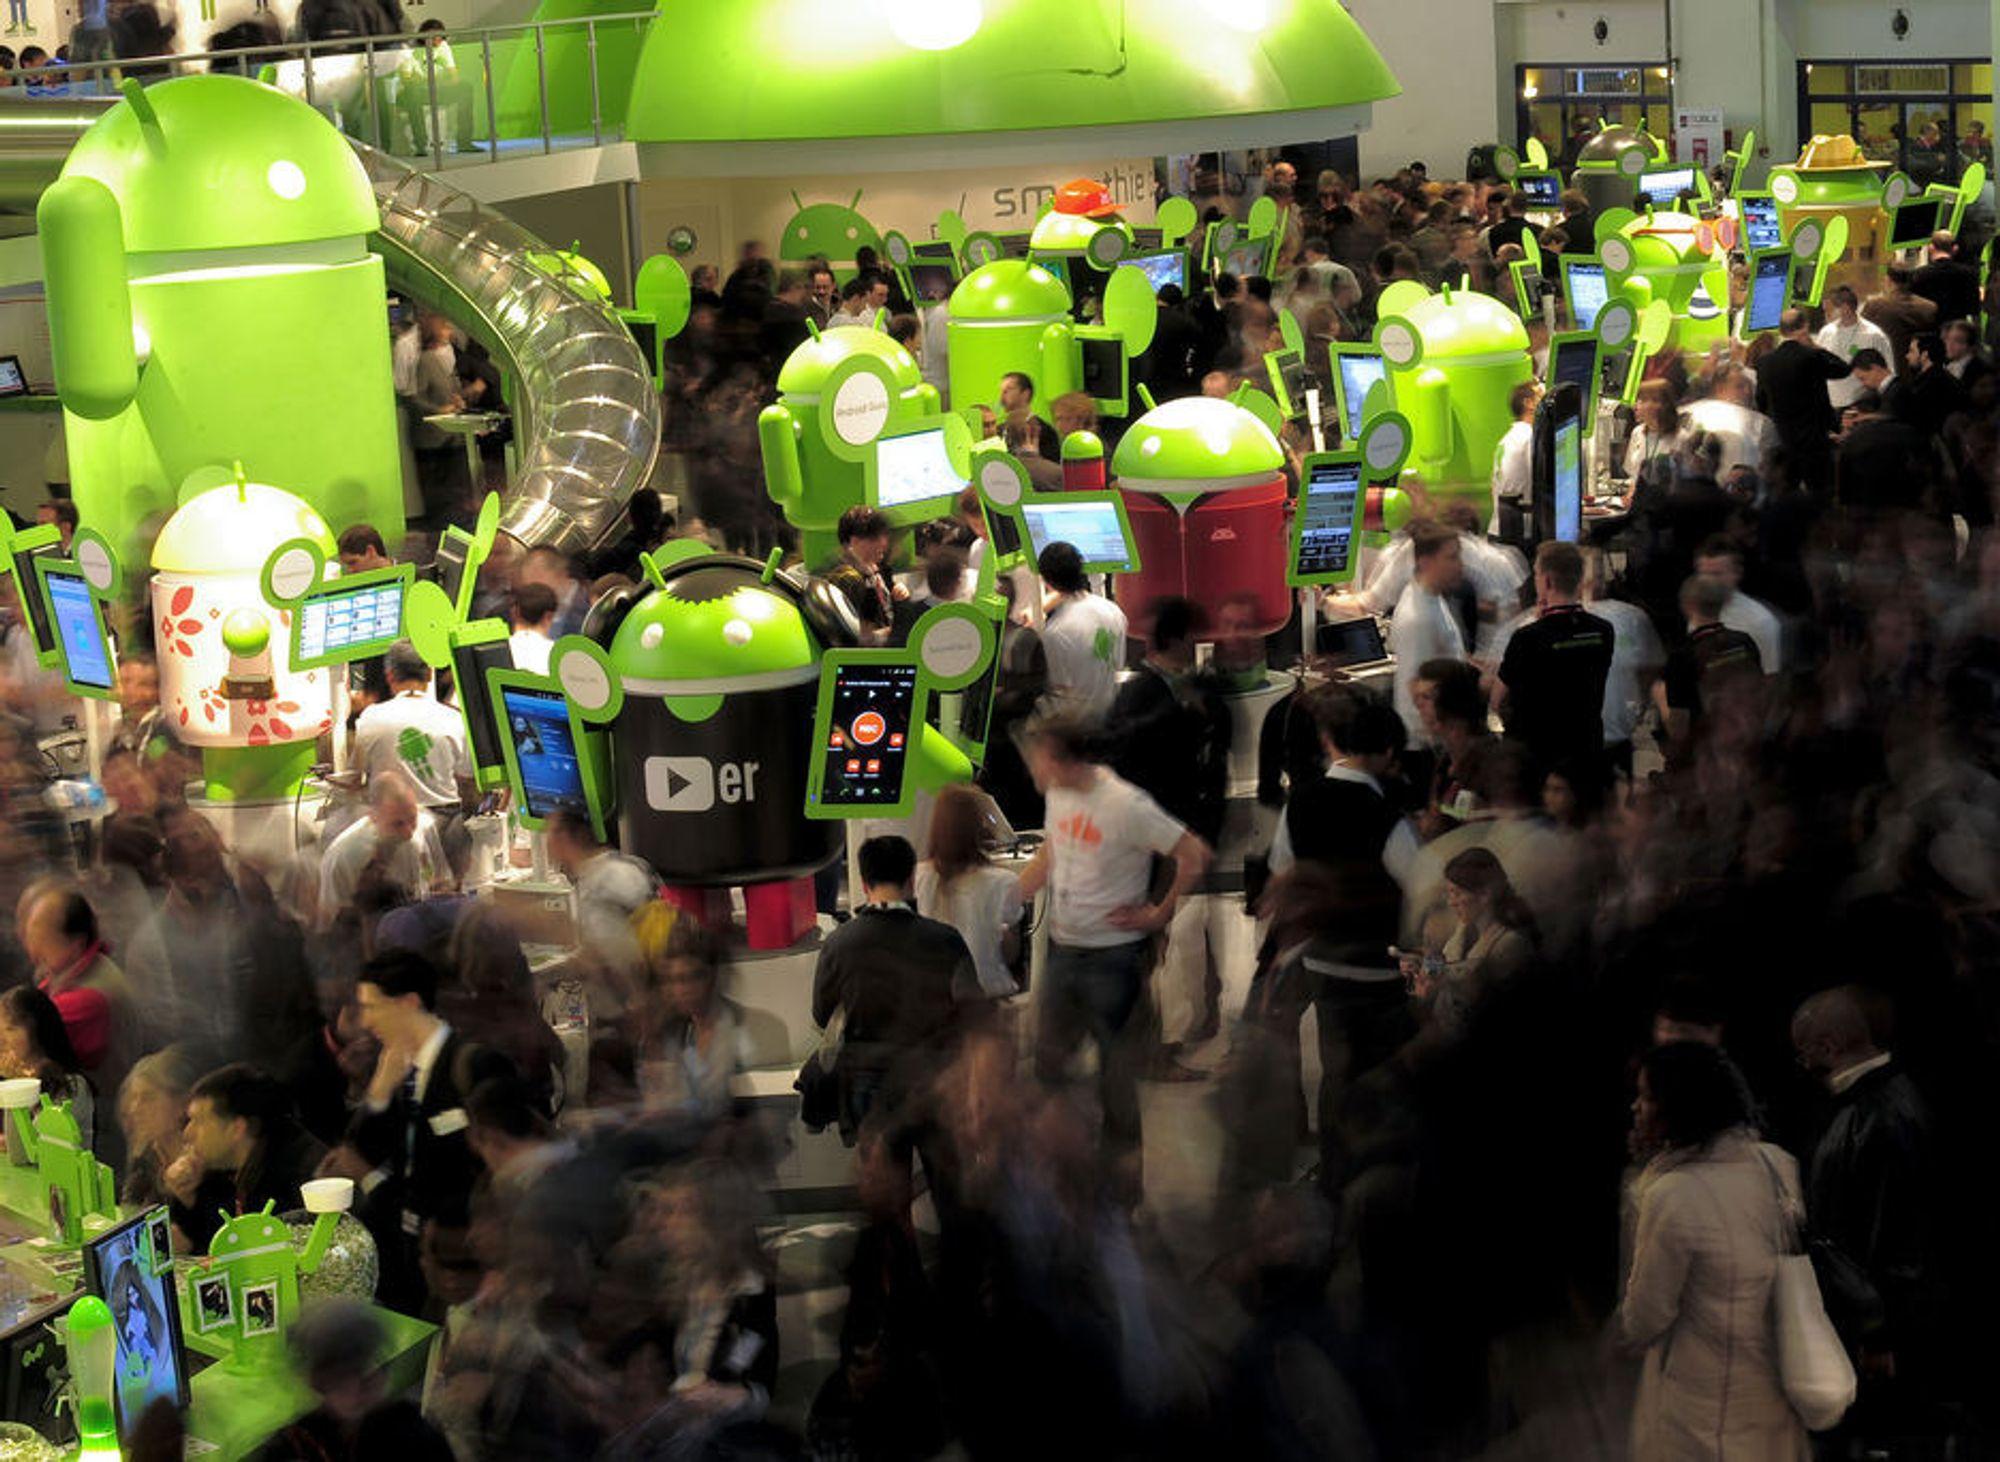 FOLKSOMT: Mange besøkte Mobile World Congress i Barcelona for å få med seg det siste av nyheter på mobilfronten. Her summer folk rundt Google Androids stand.